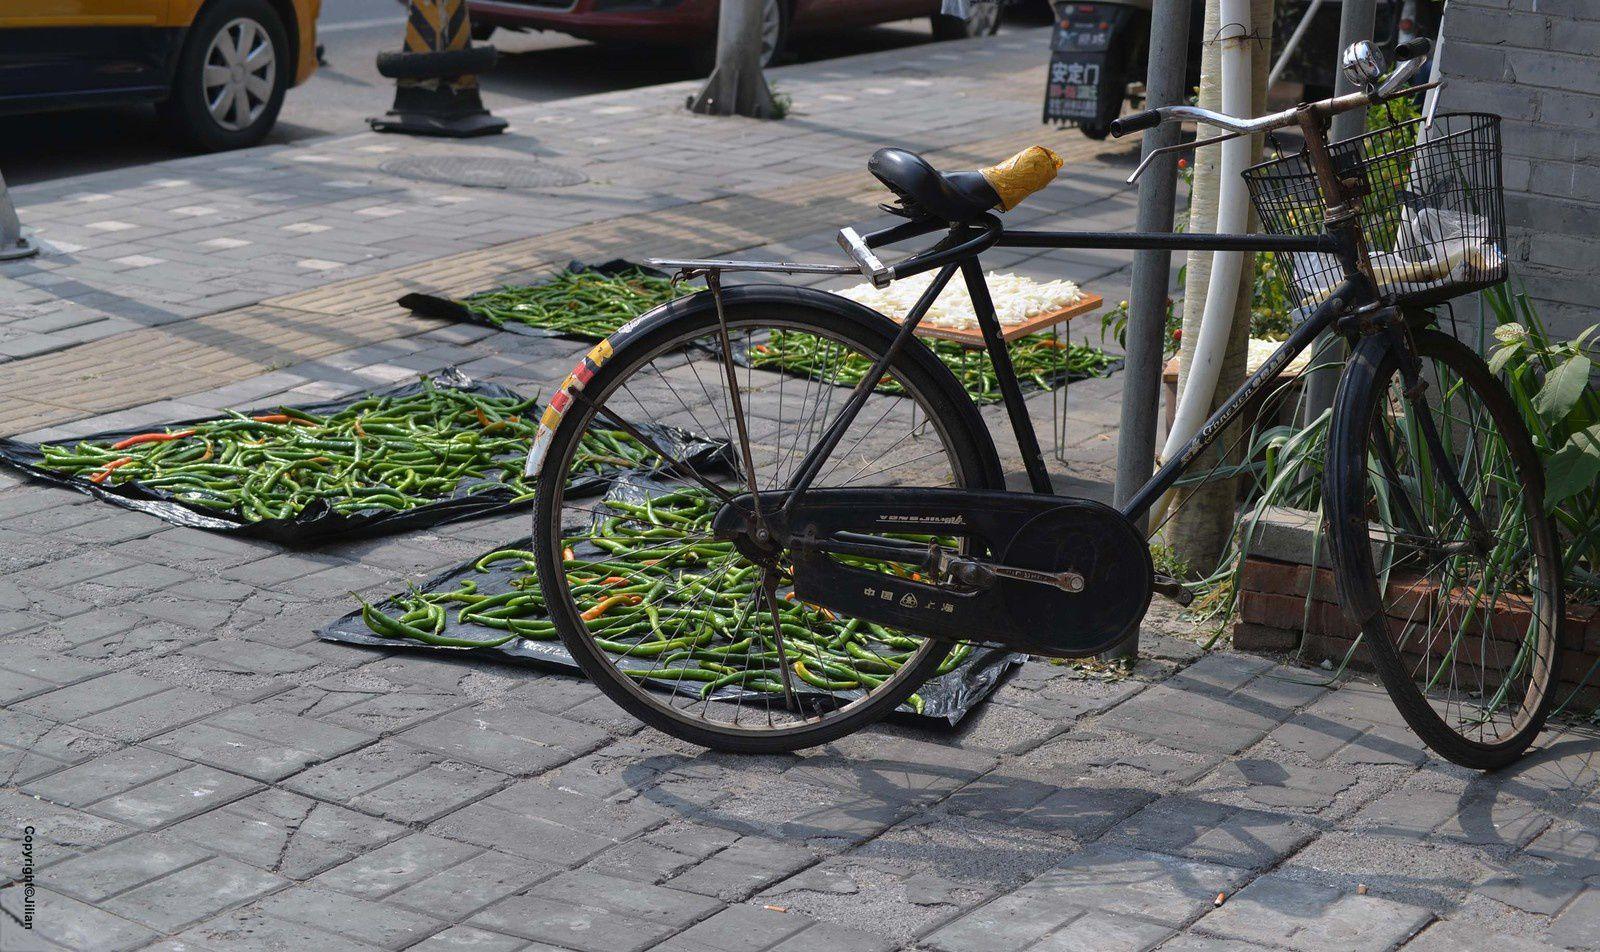 A travers les ruelles de Beijing - 国庆节期间的北京胡同和巷